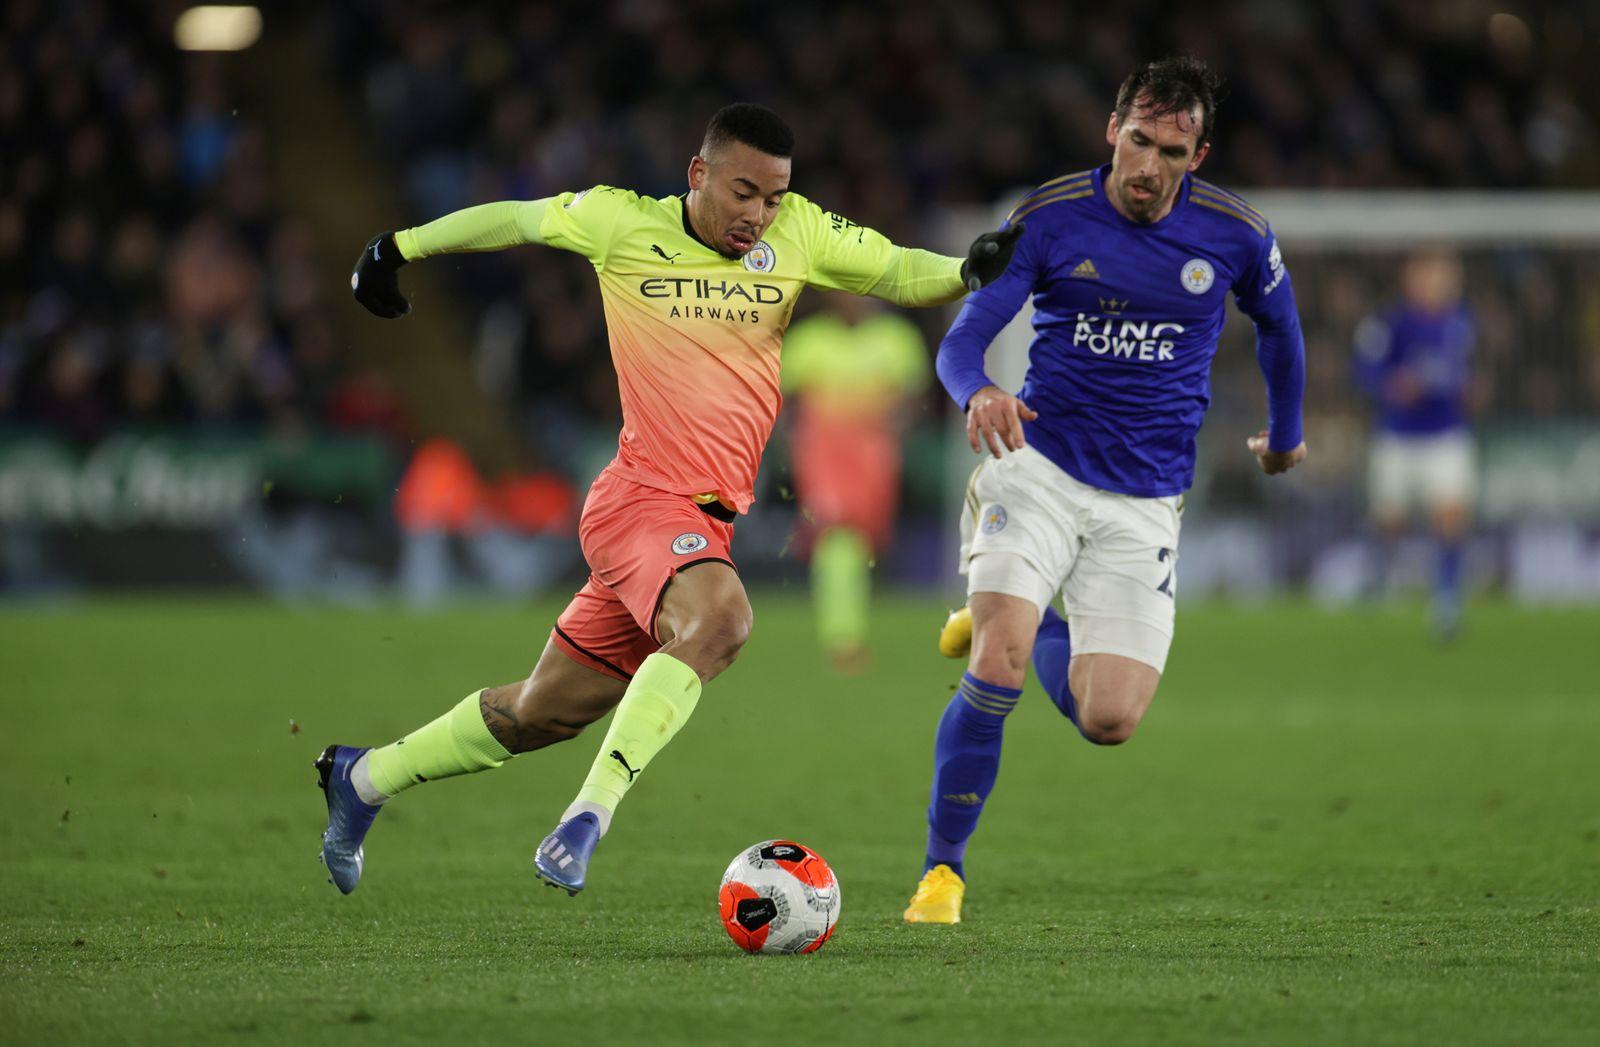 Premier League - Leicester City v Manchester City